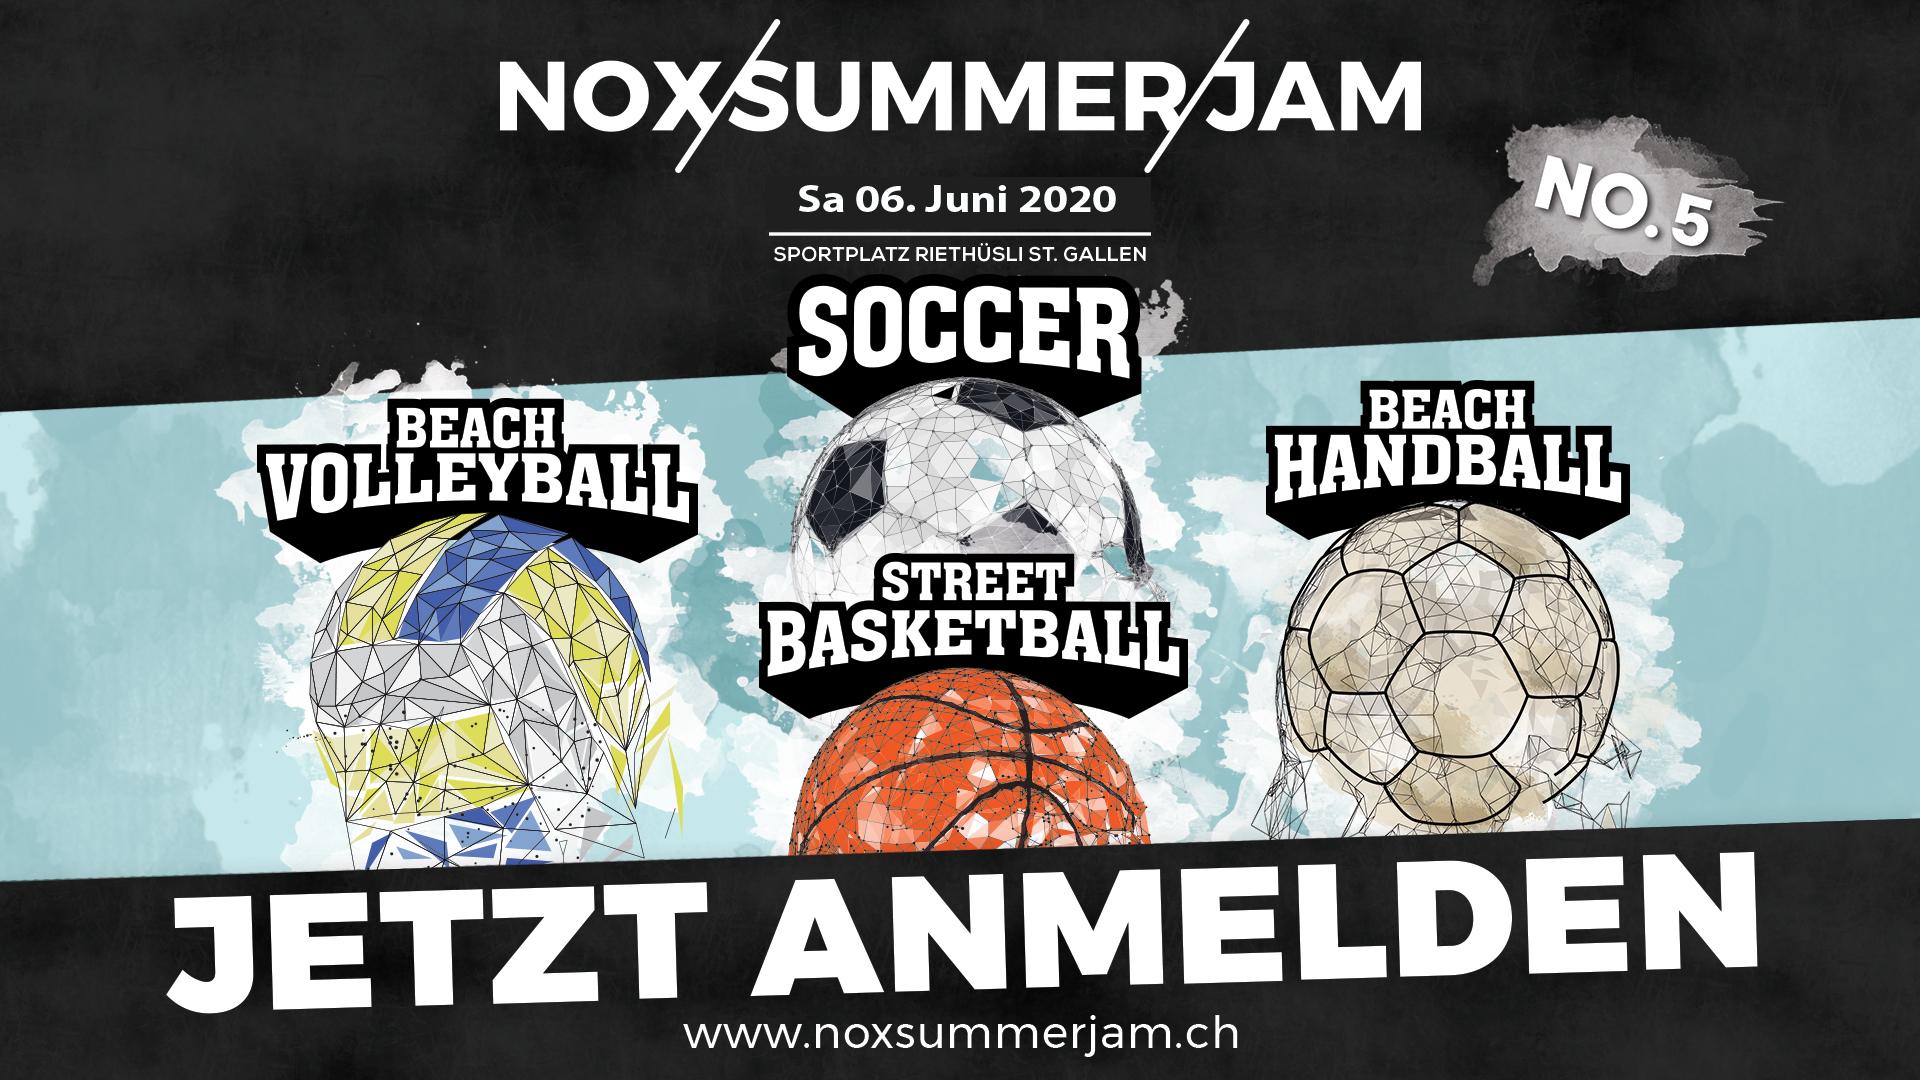 NOX Summer Jam 2020 - Fussball, Beachvolley & Street Basketball